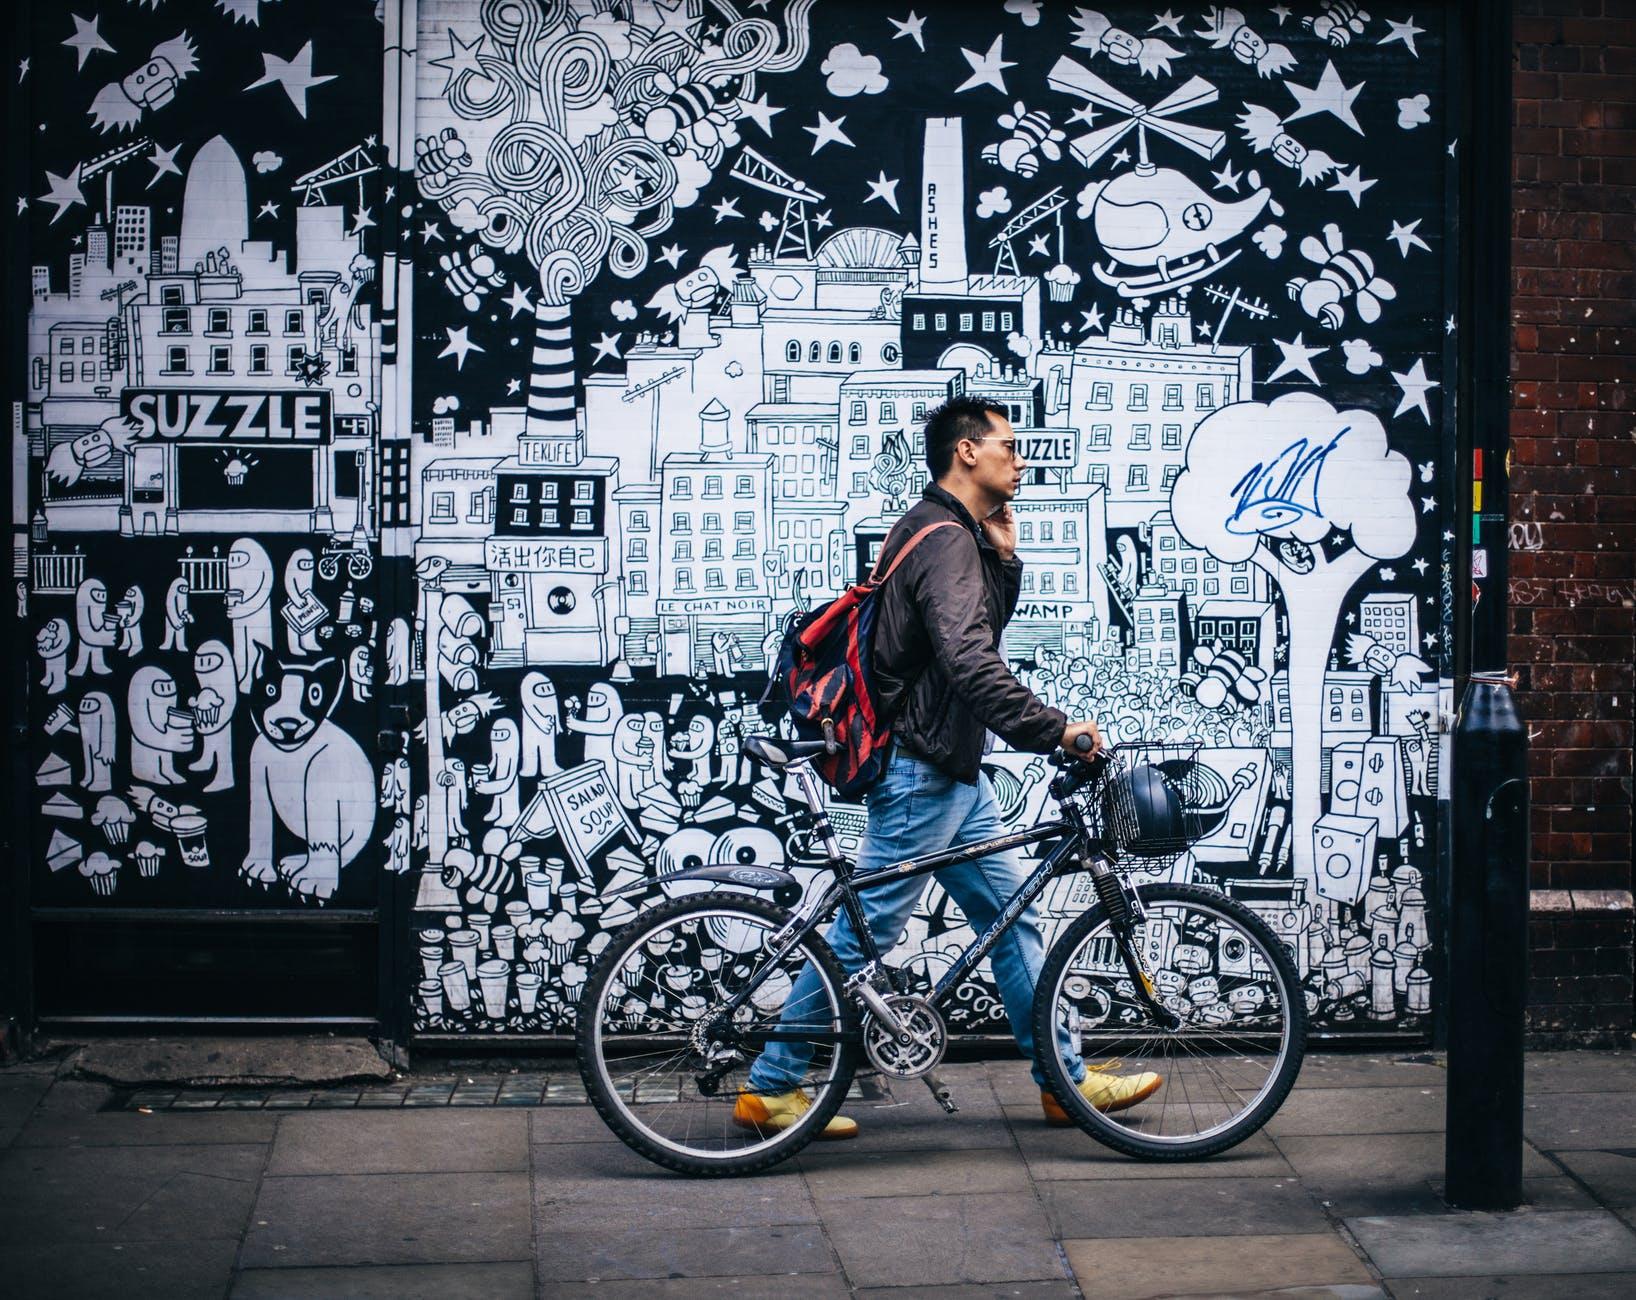 Räder mit Elektromotor sorgen für Verwirrung in einem boomenden Markt